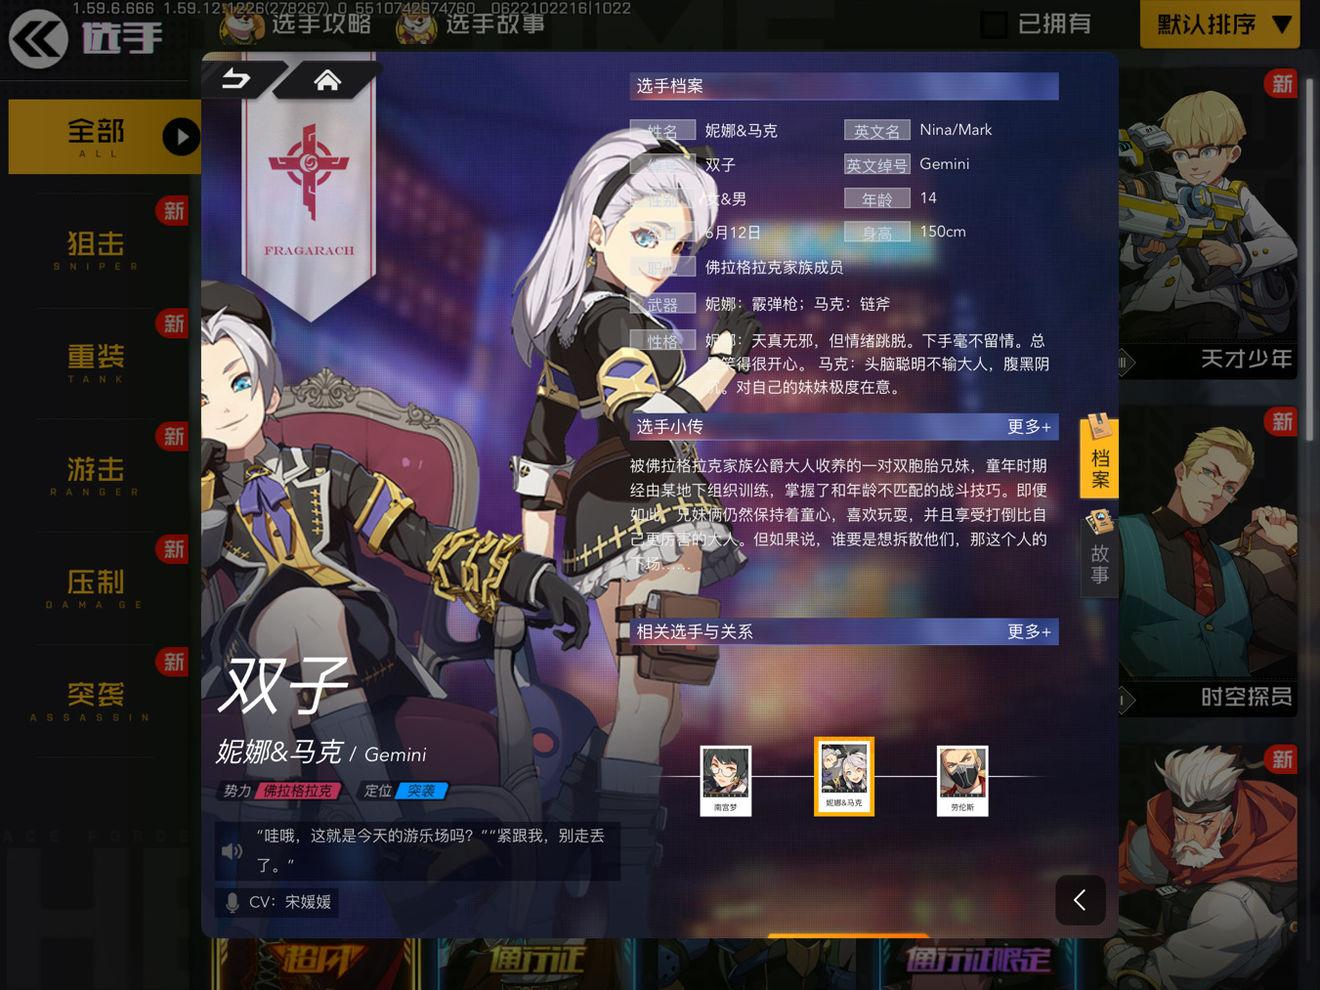 王牌战士双子攻略 天赋及战备物资、适合地图分享